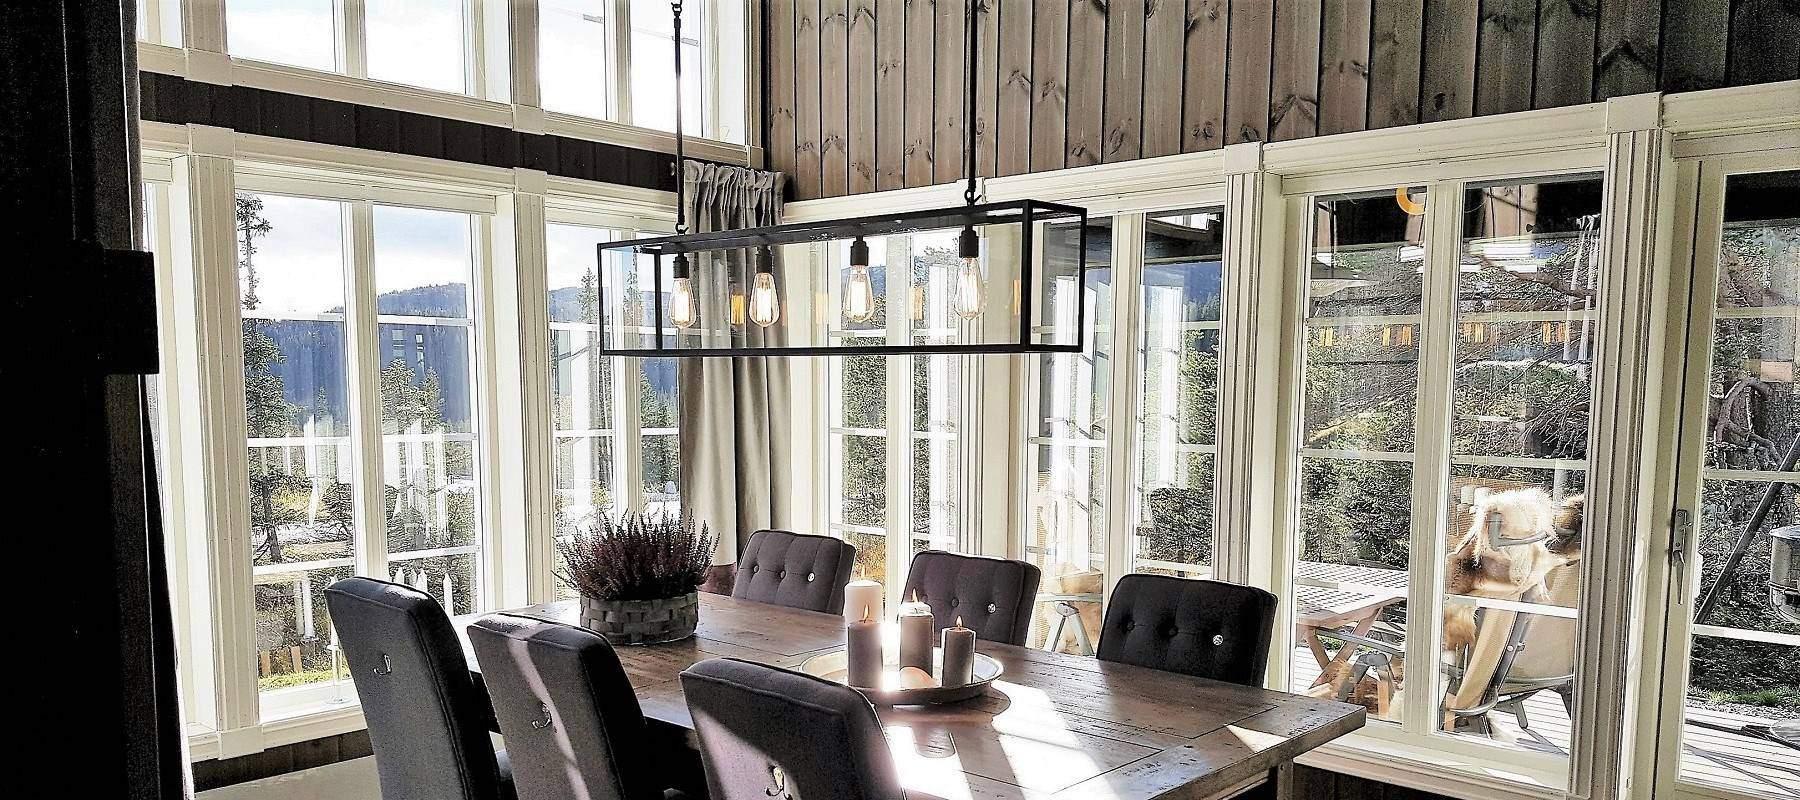 224 Hytteinteriør Inspirasjon Veggli – Stryn 92